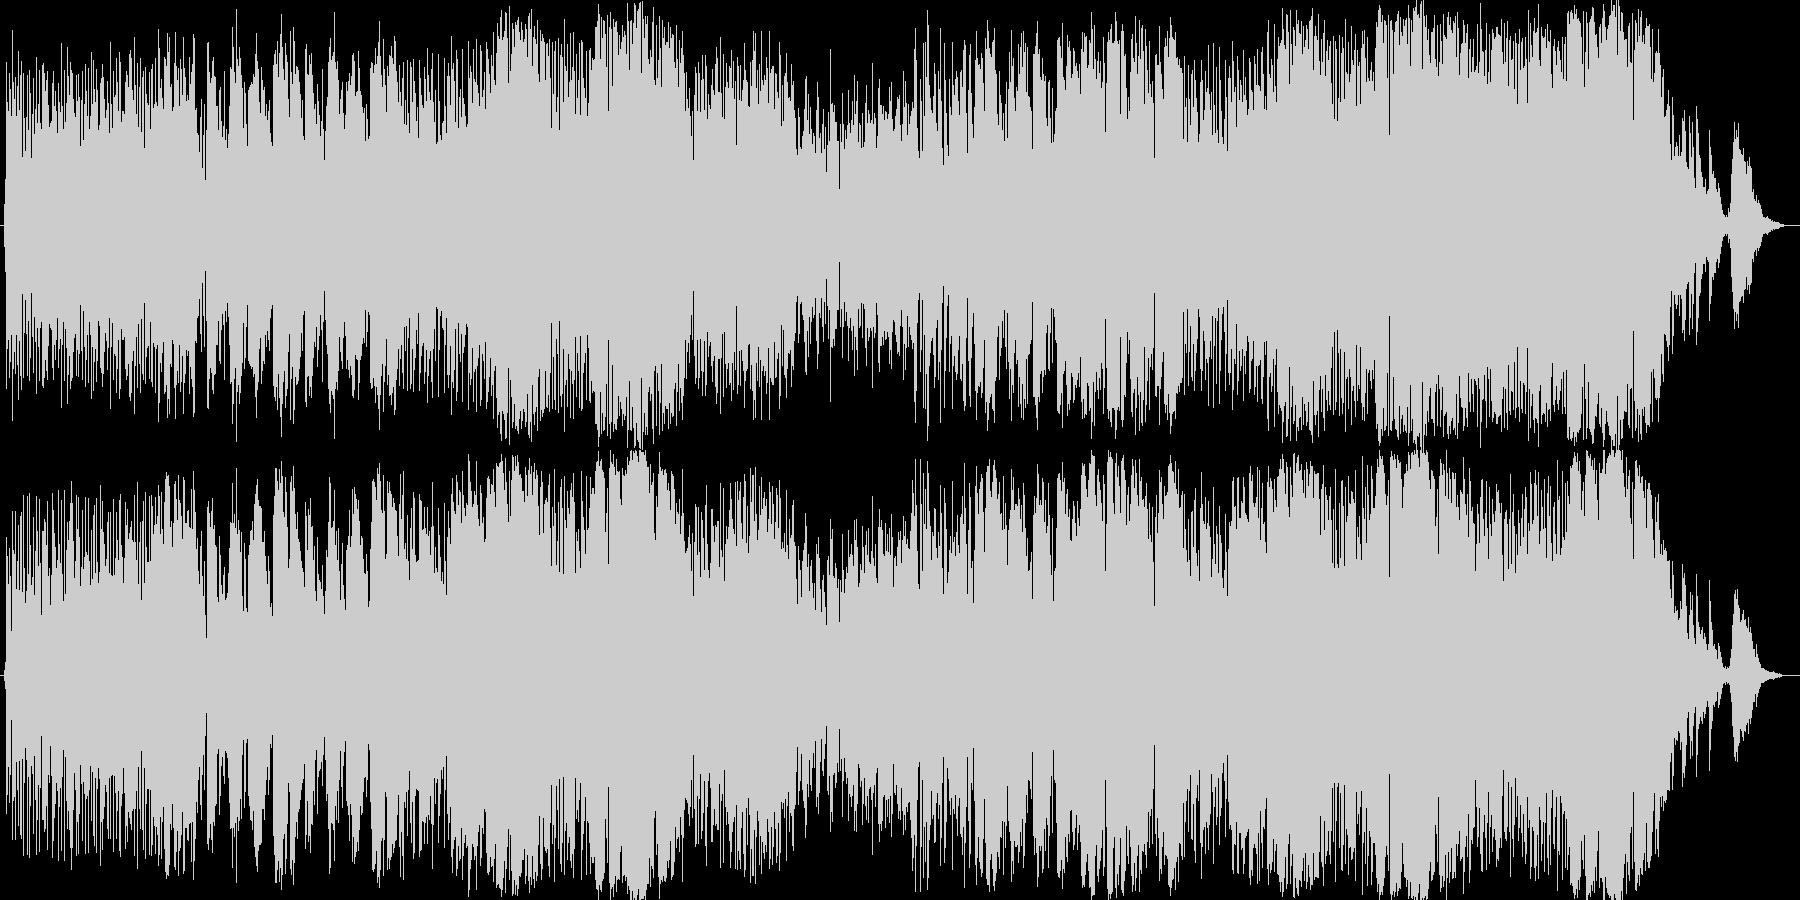 番組やイベントOPを想定したインスト曲の未再生の波形